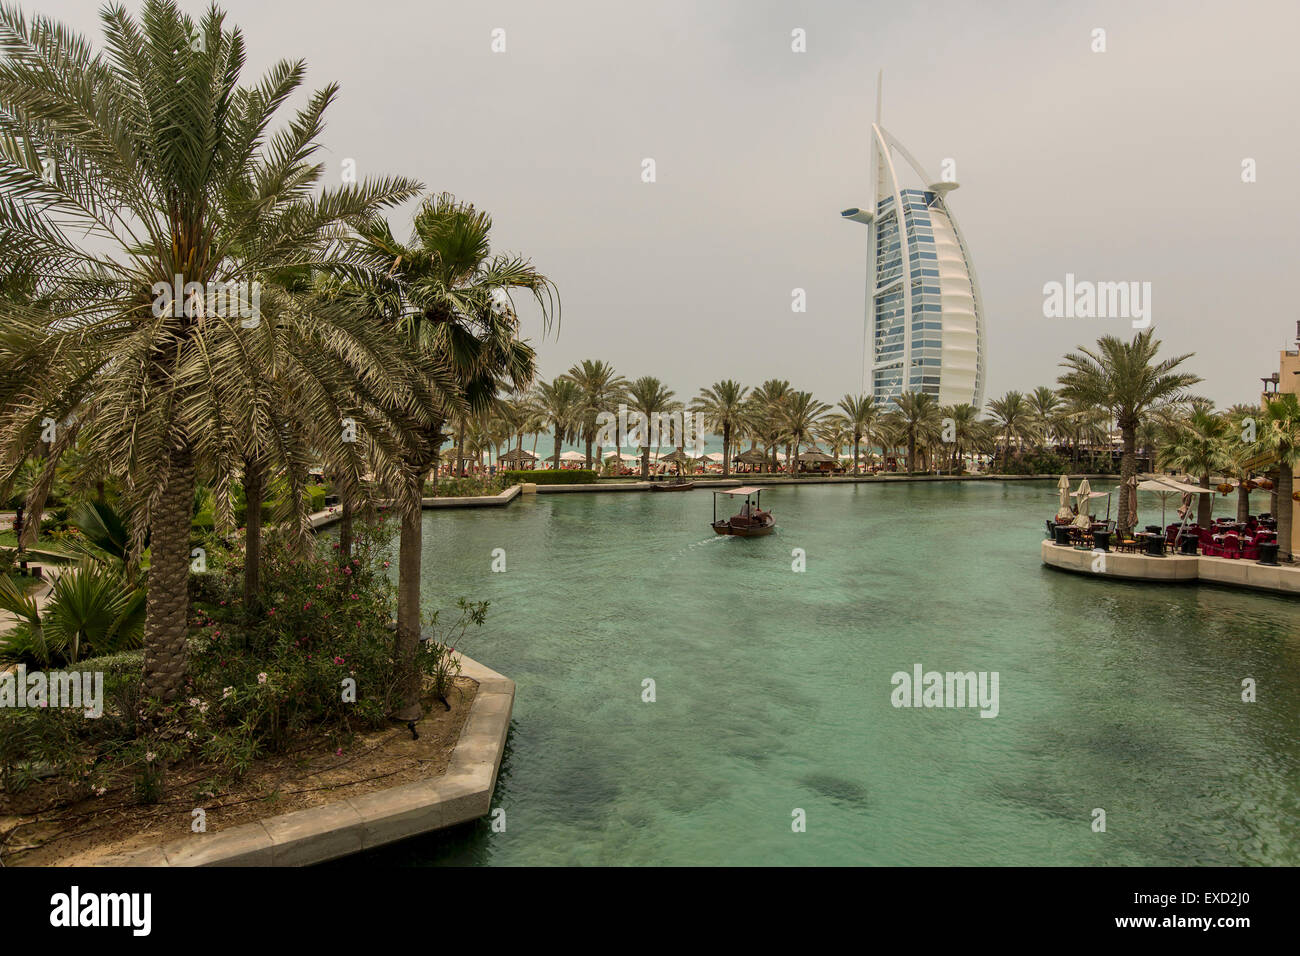 Madinat Jumeirah in Dubai. - Stock Image